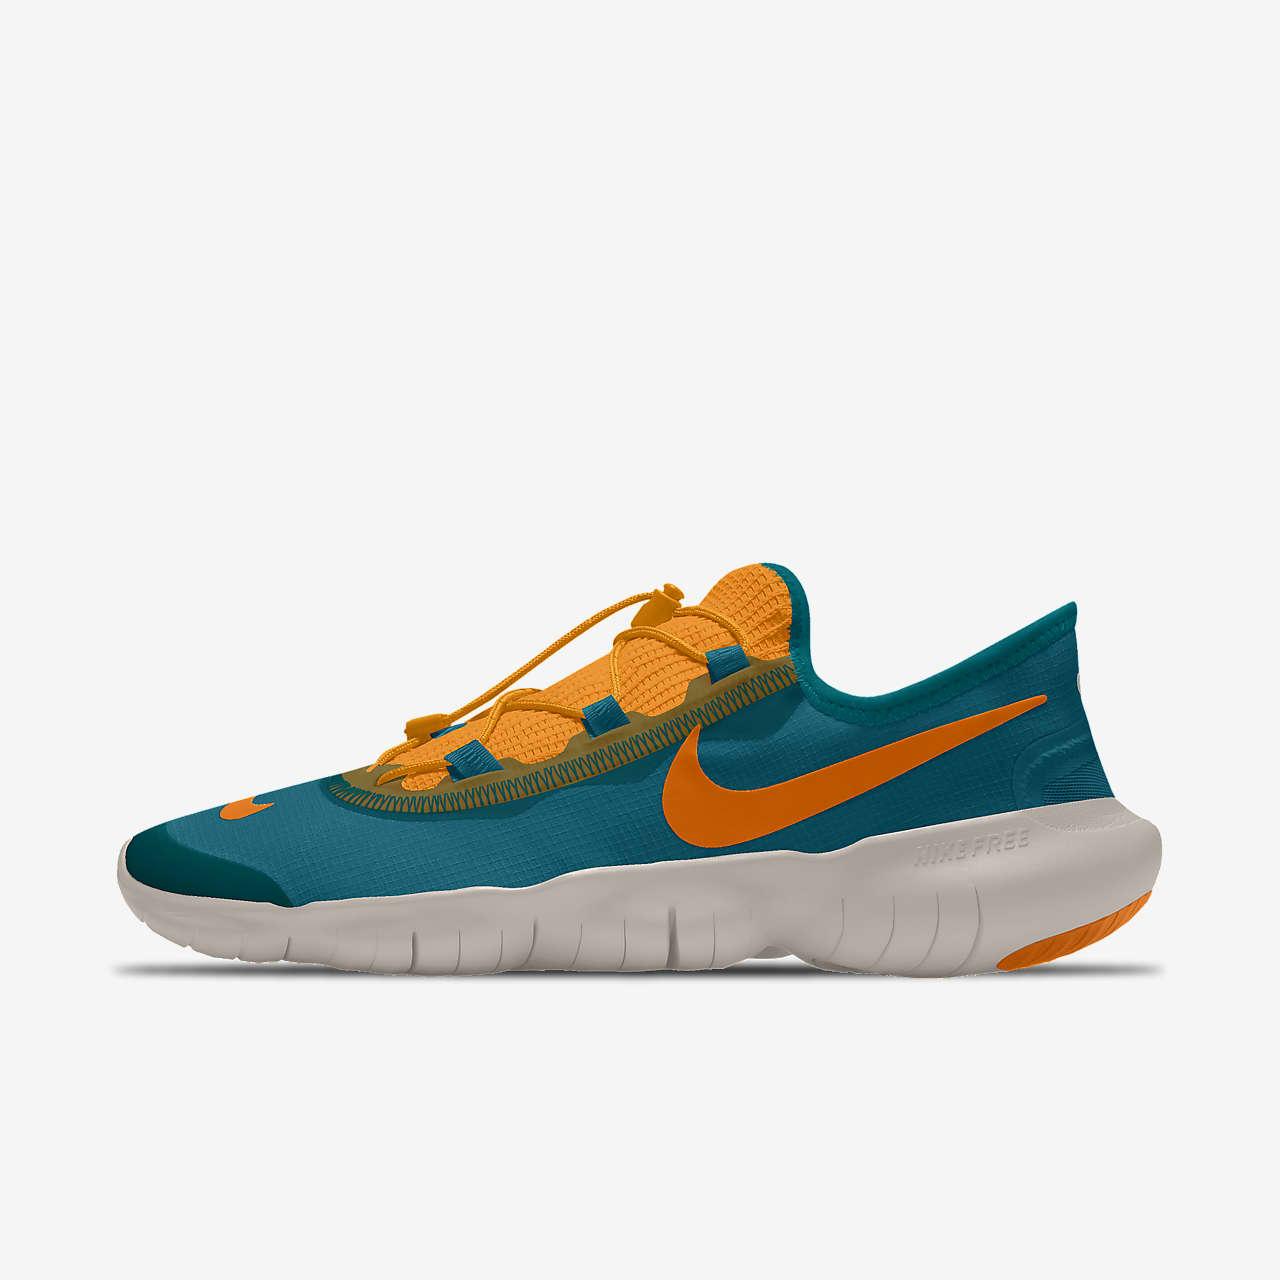 Nike Free RN 5.0 By You Custom Women's Running Shoe